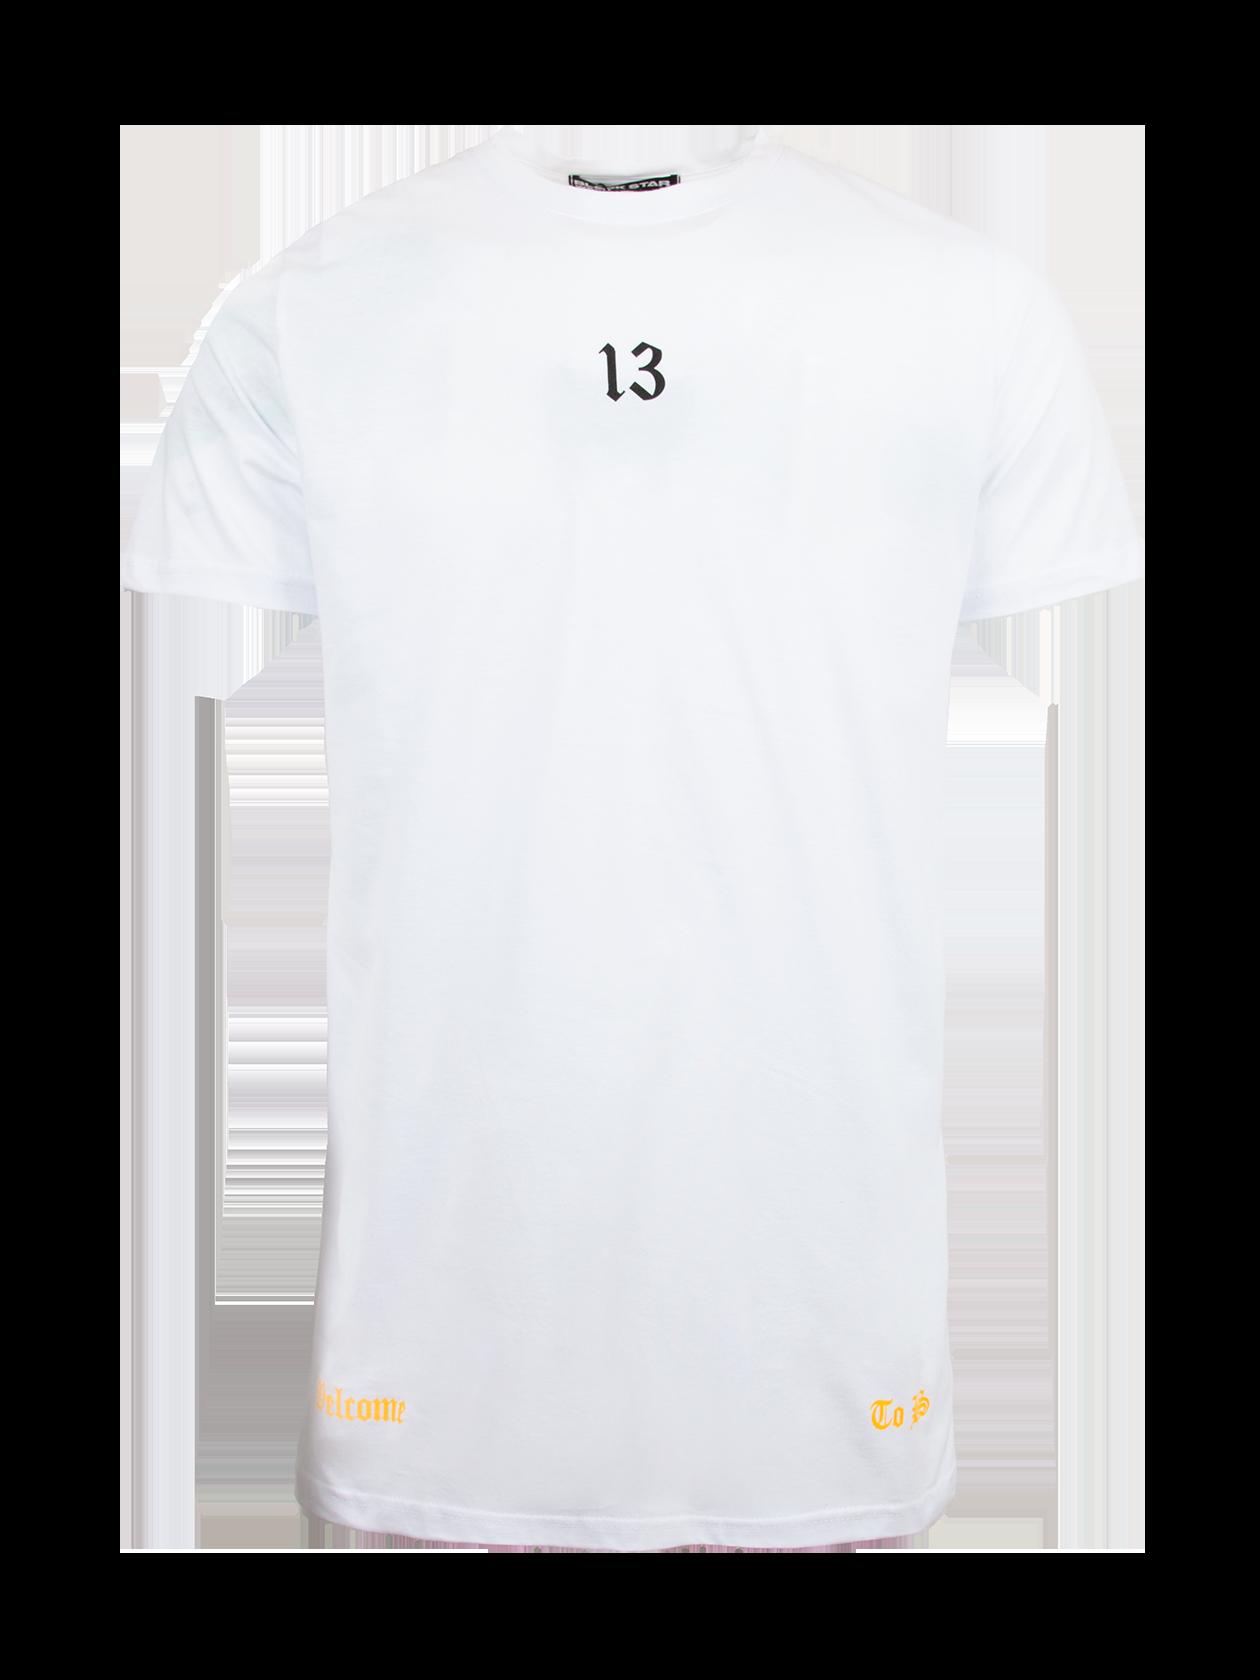 Футболка мужская WELCOME TO BSСтильная футболка мужская Welcome to BS – идеальное решение для создания повседневного и спортивного образа. Белая расцветка актуальная в любом сезоне, ее способность отражать прямые лучи солнца обеспечит дополнительный комфорт в жаркую погоду. Натуральный хлопок премиального качества отвечает за практичность вещи. Модель обладает прямым свободным кроем, коротким рукавом и узкой округлой горловиной с лейблом Black Star Wear внутри. Дизайн футболки дополнен эффектным принтом с крупными черными надписями и символикой бренда BSW на спине, цифрой 13 спереди и надписями золотыми буквами по бокам.<br><br>Размер: XXS<br>Цвет: Черный<br>Пол: Мужской